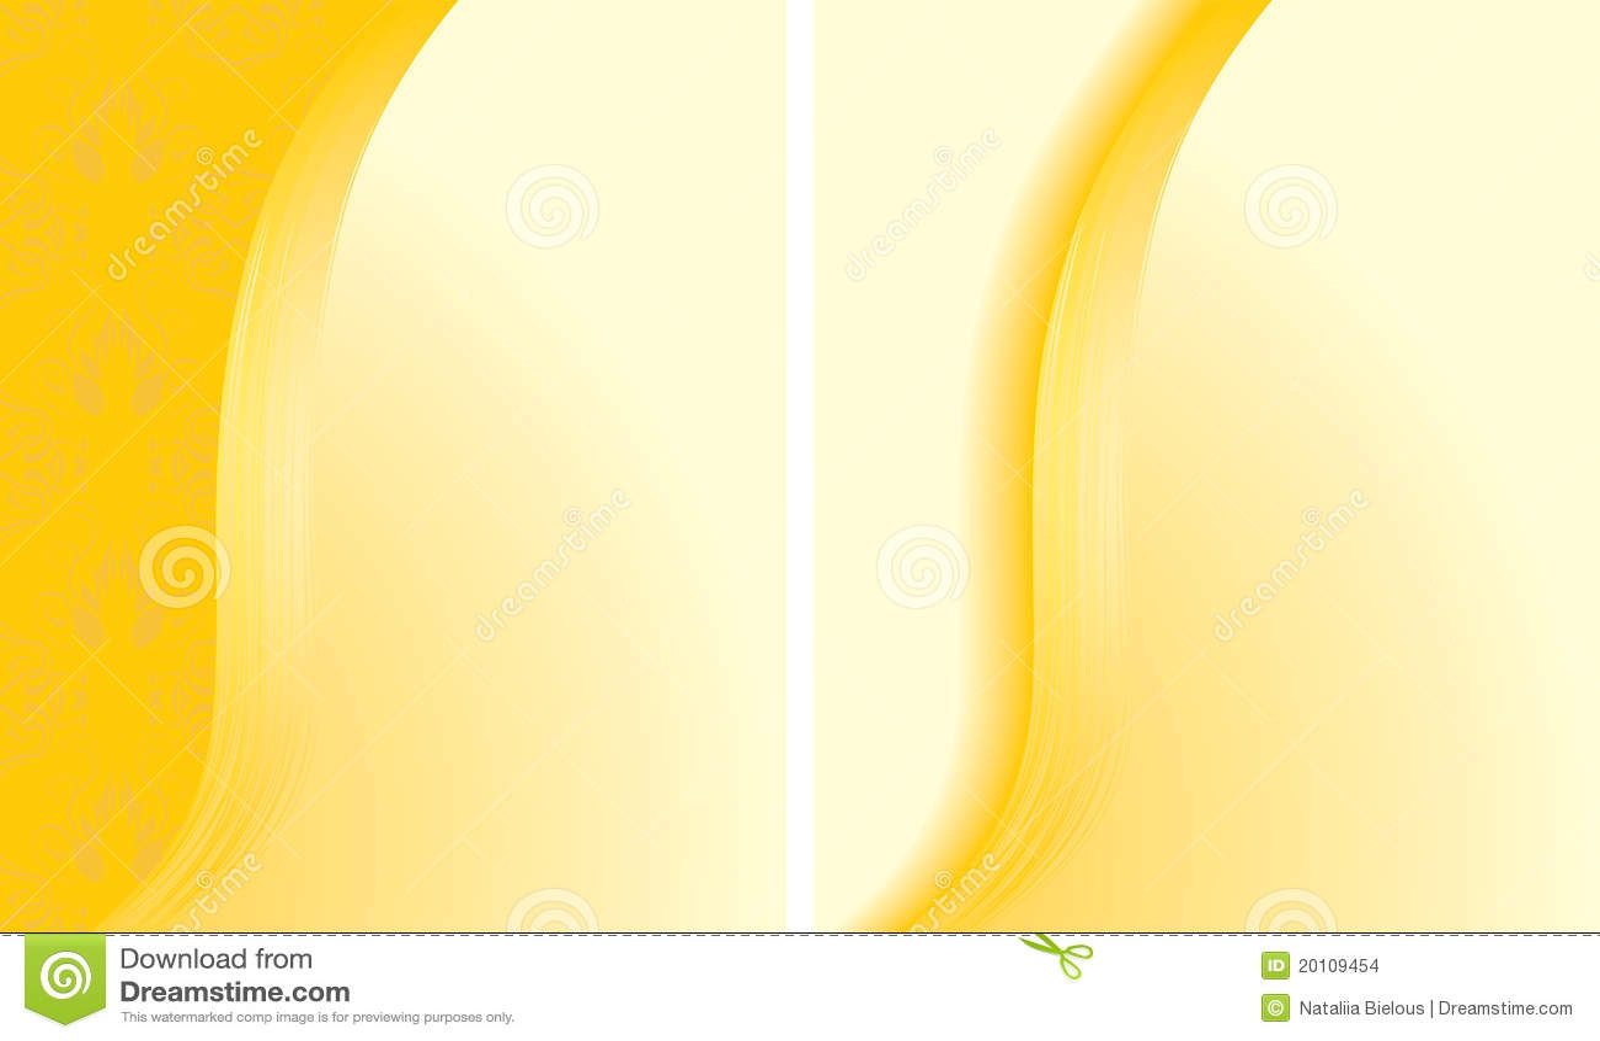 Dos fondos amarillos abstractos para las tarjetas ilustracin del dos fondos amarillos abstractos para las tarjetas thecheapjerseys Images